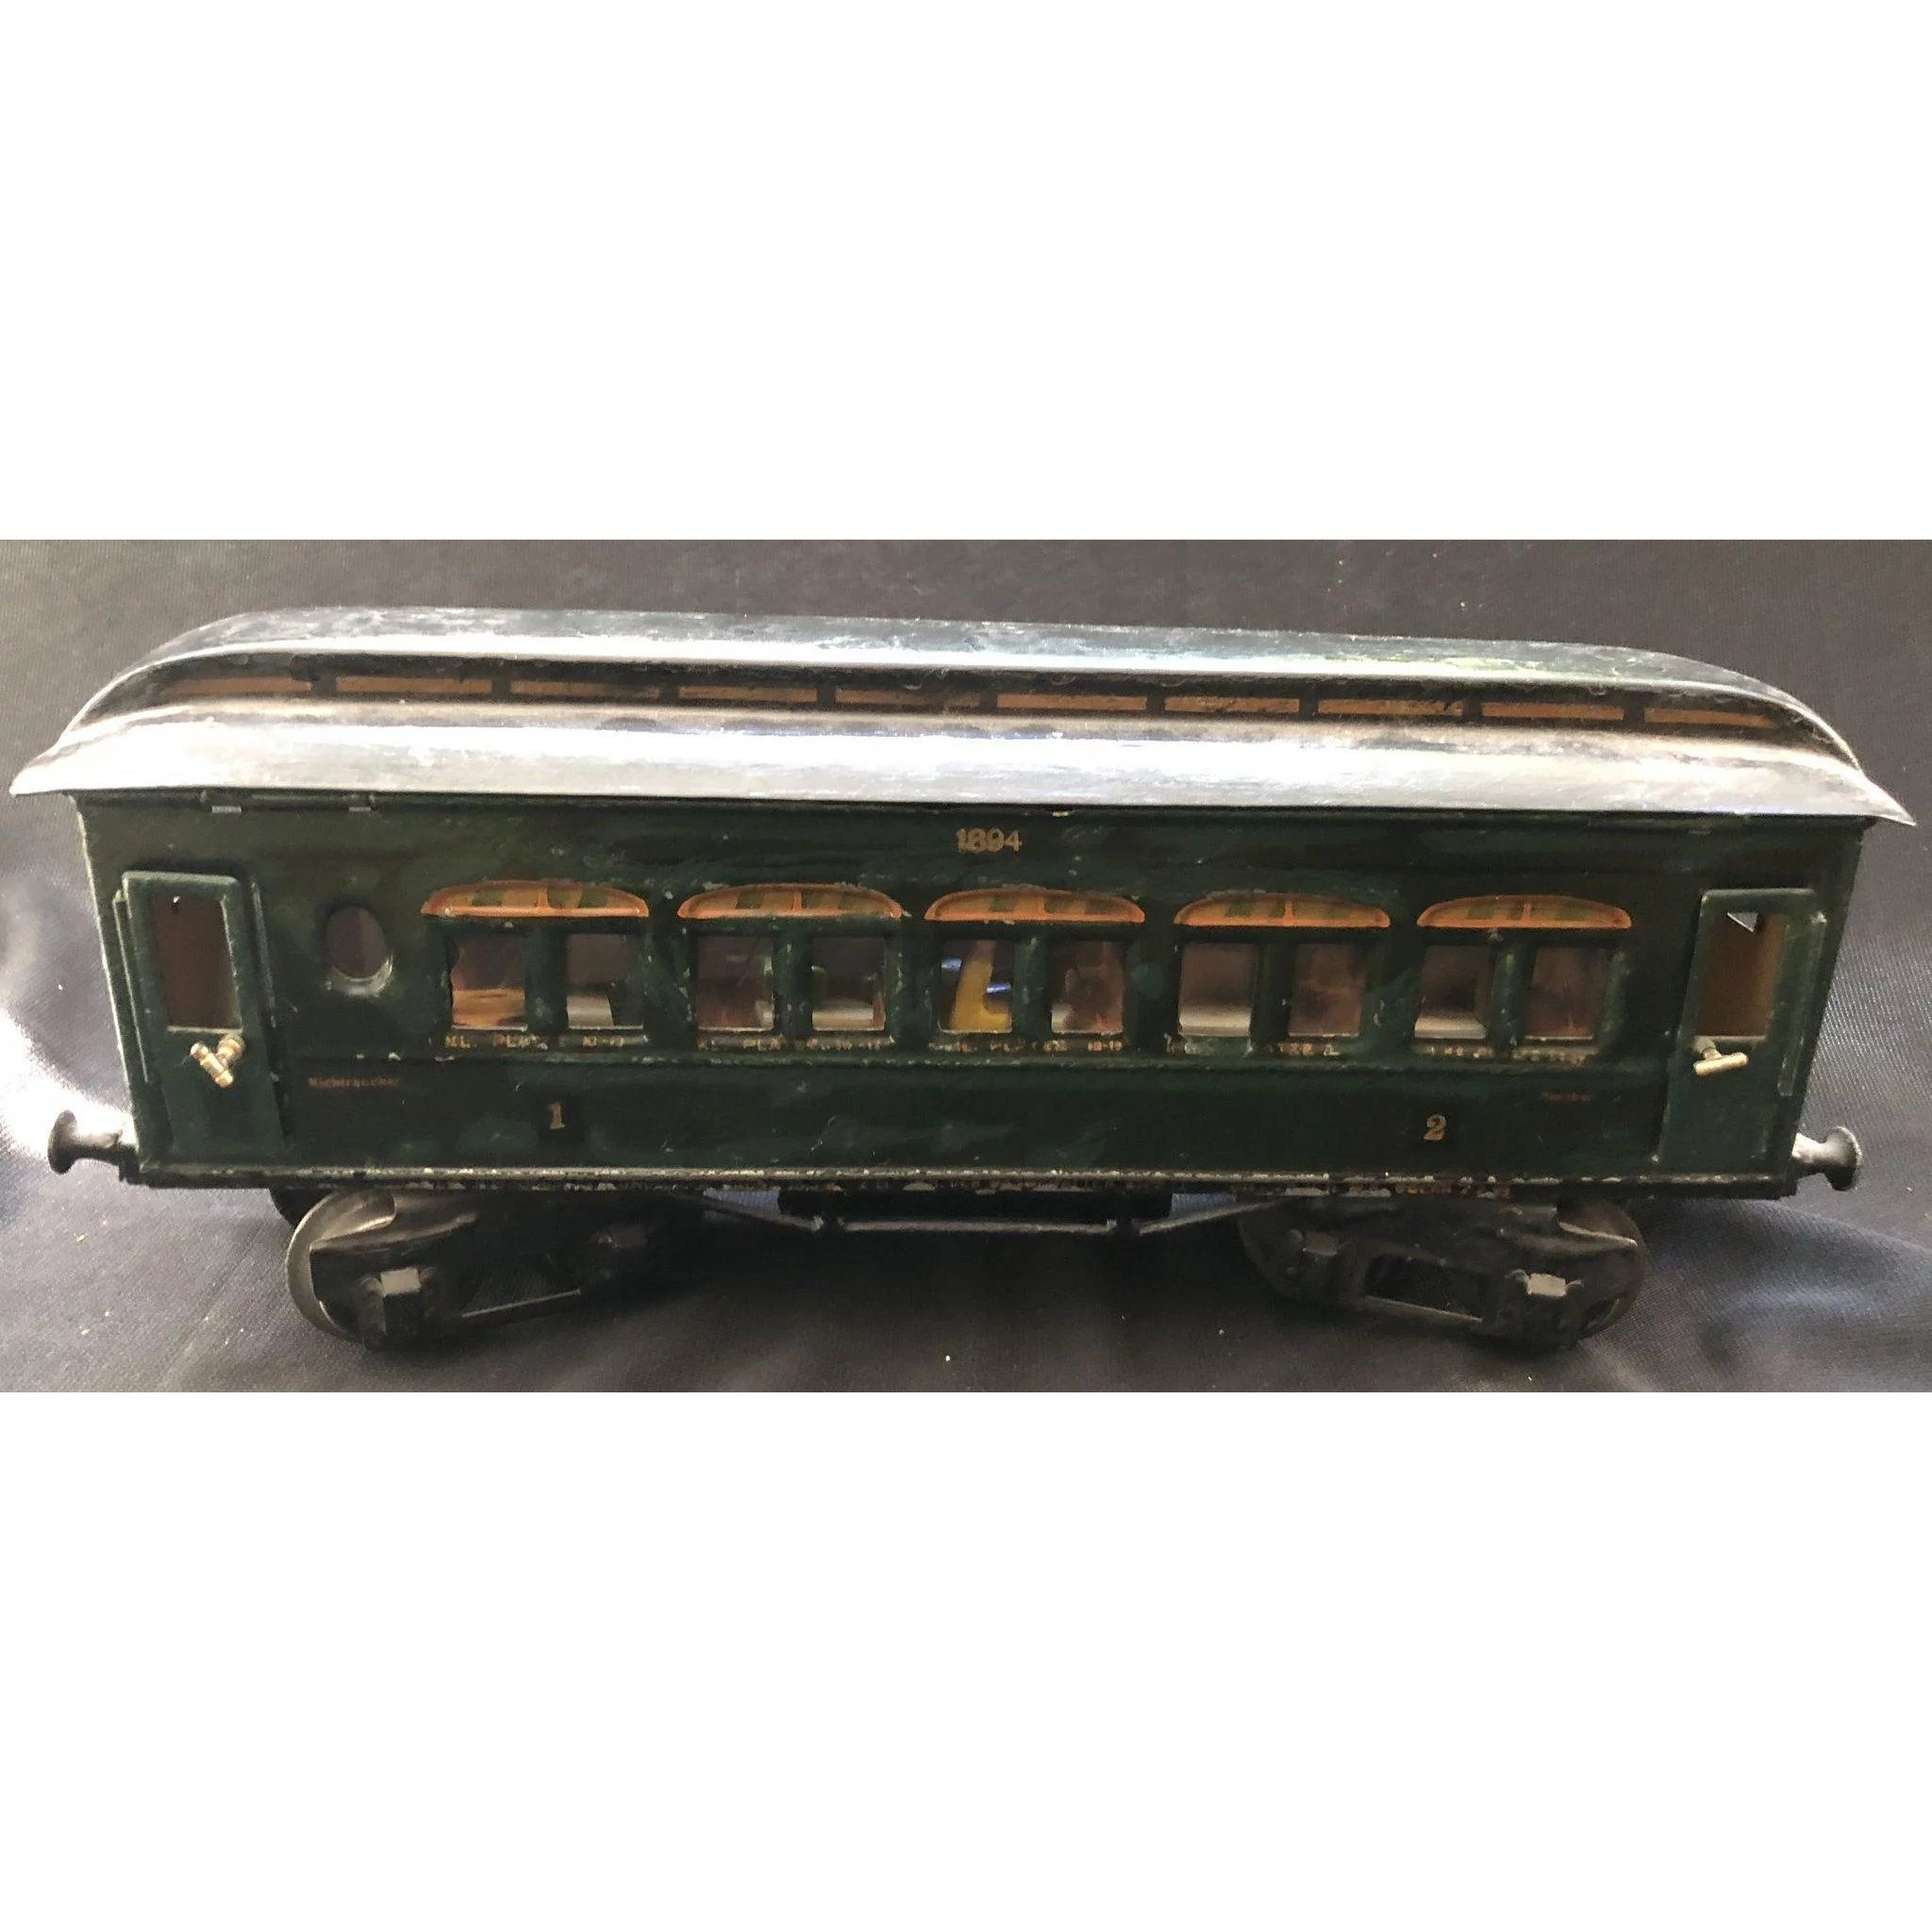 """Maerklin Marklin Train circa 1920 Passenger Car """"1894 ..."""